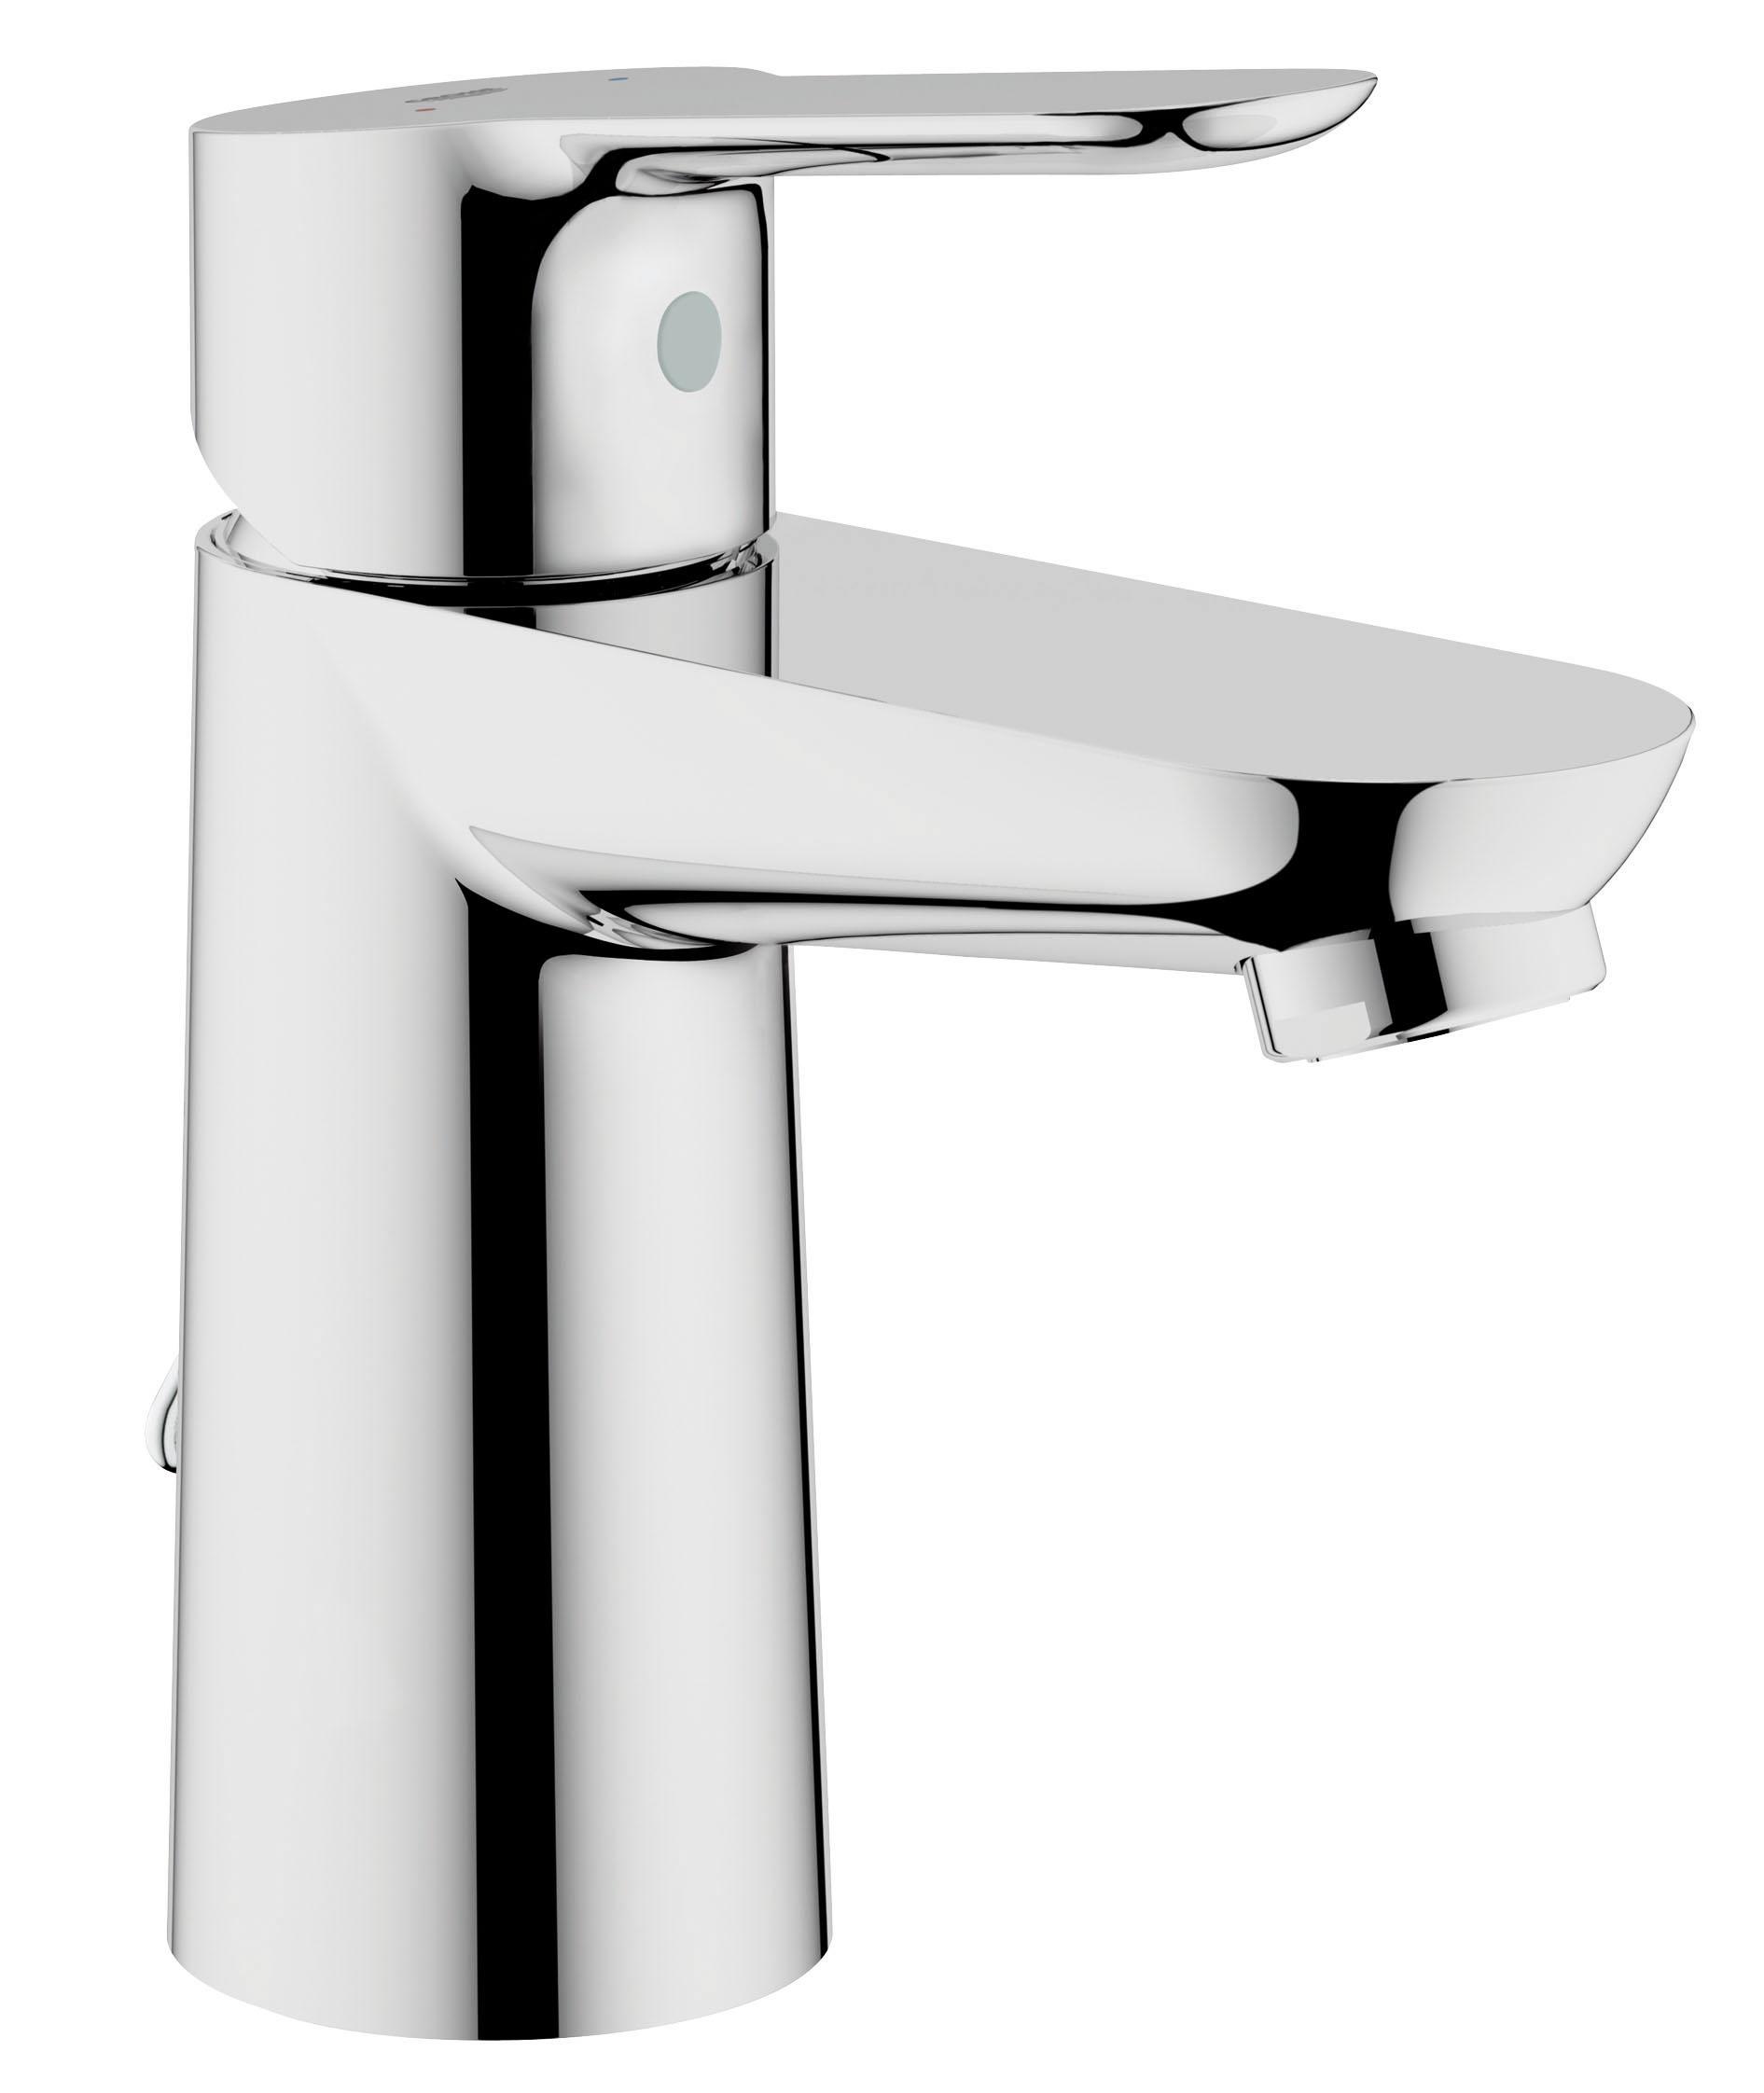 Смеситель для раковины GROHE BauEdge с цепочкой (23329000)23329000Монтаж на одно отверстие Металлический рычаг GROHE SilkMove керамический картридж 28 мм GROHE StarLight хромированная поверхность GROHE EcoJoy - технология совершенного потока при уменьшенном расходе воды Аэратор Цепочка Гибкая подводка Система быстрого монтажа Видео по установке является исключительно информационным. Установка должна проводиться профессионалами!